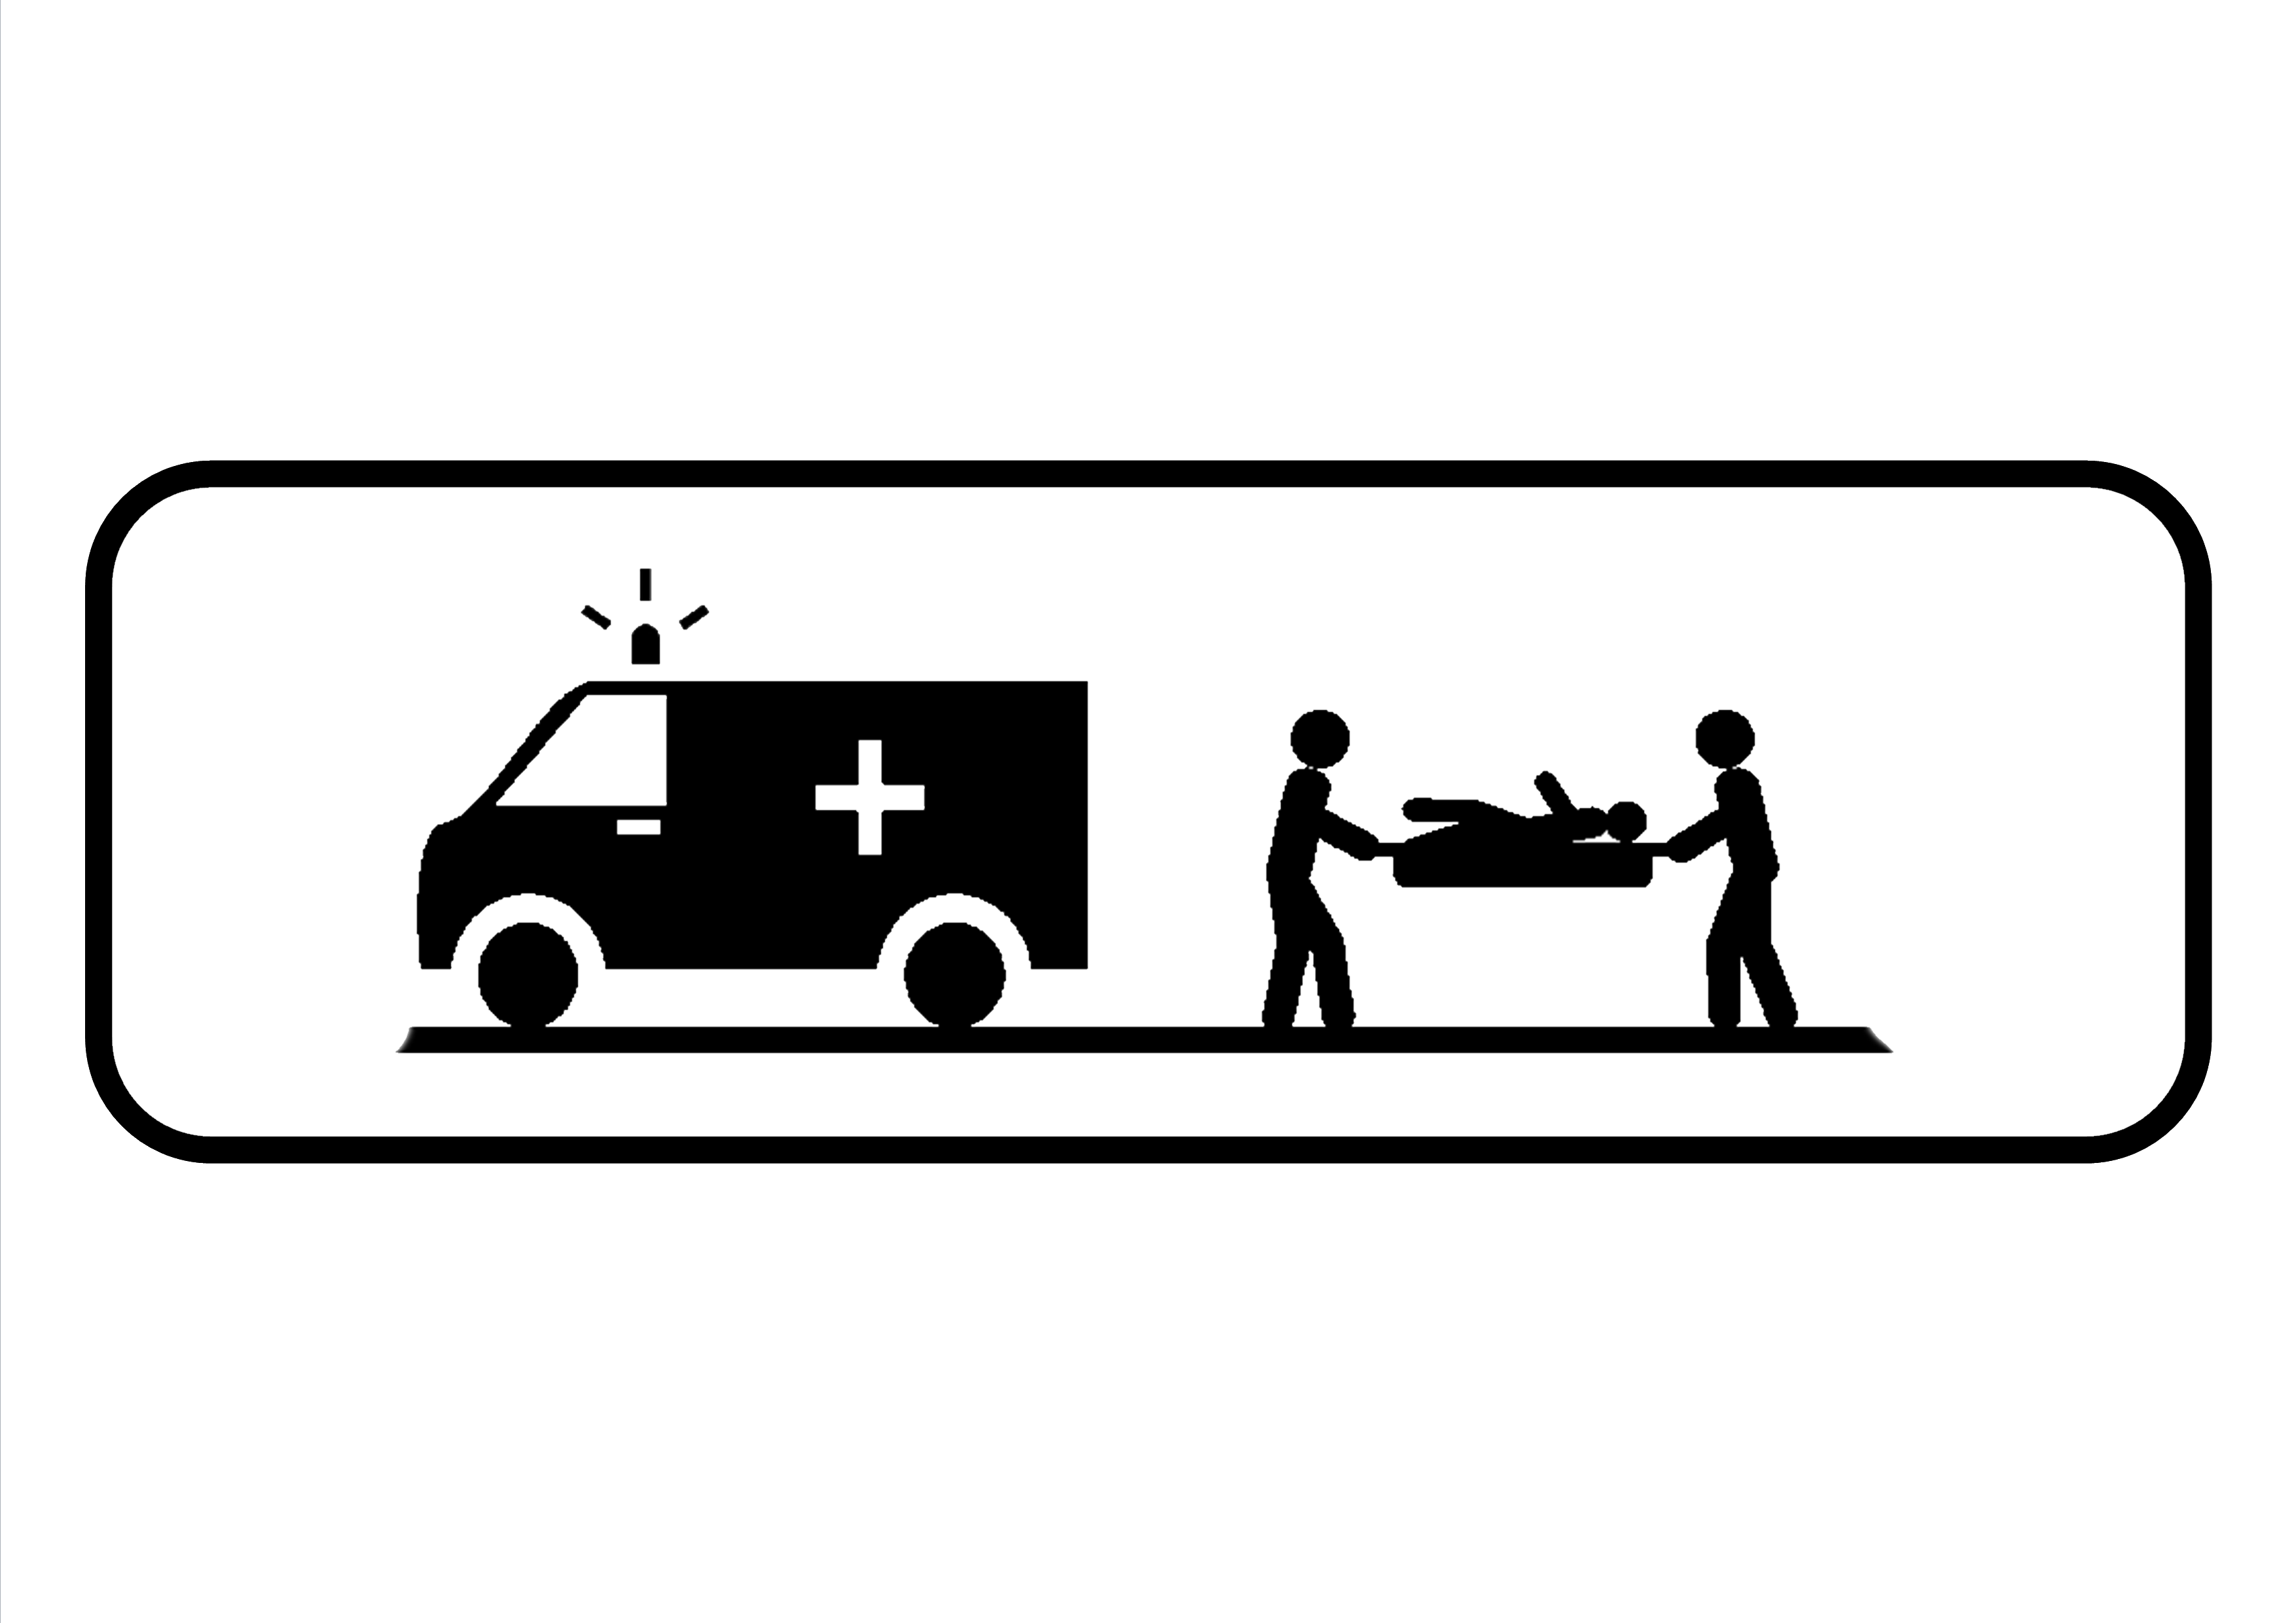 Hilfeleistung 1